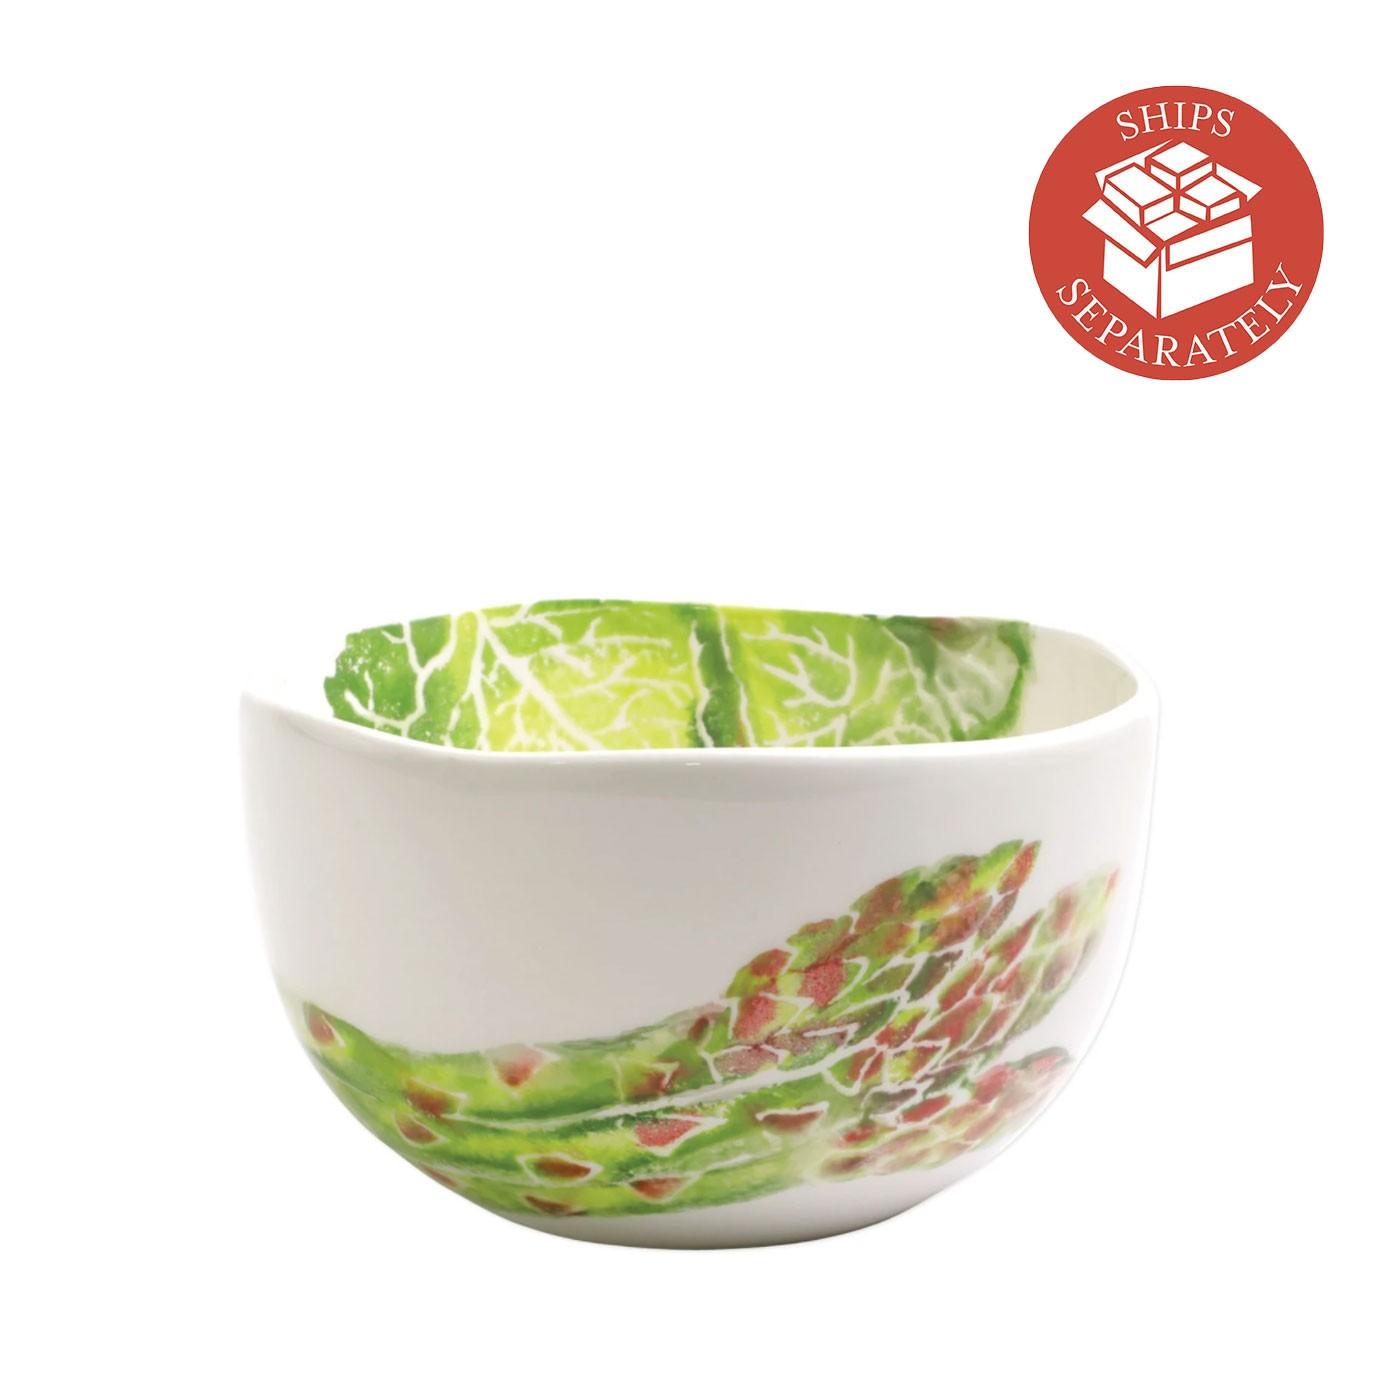 Spring Vegetables Small Deep Serving Bowl - Vietri | Eataly.com